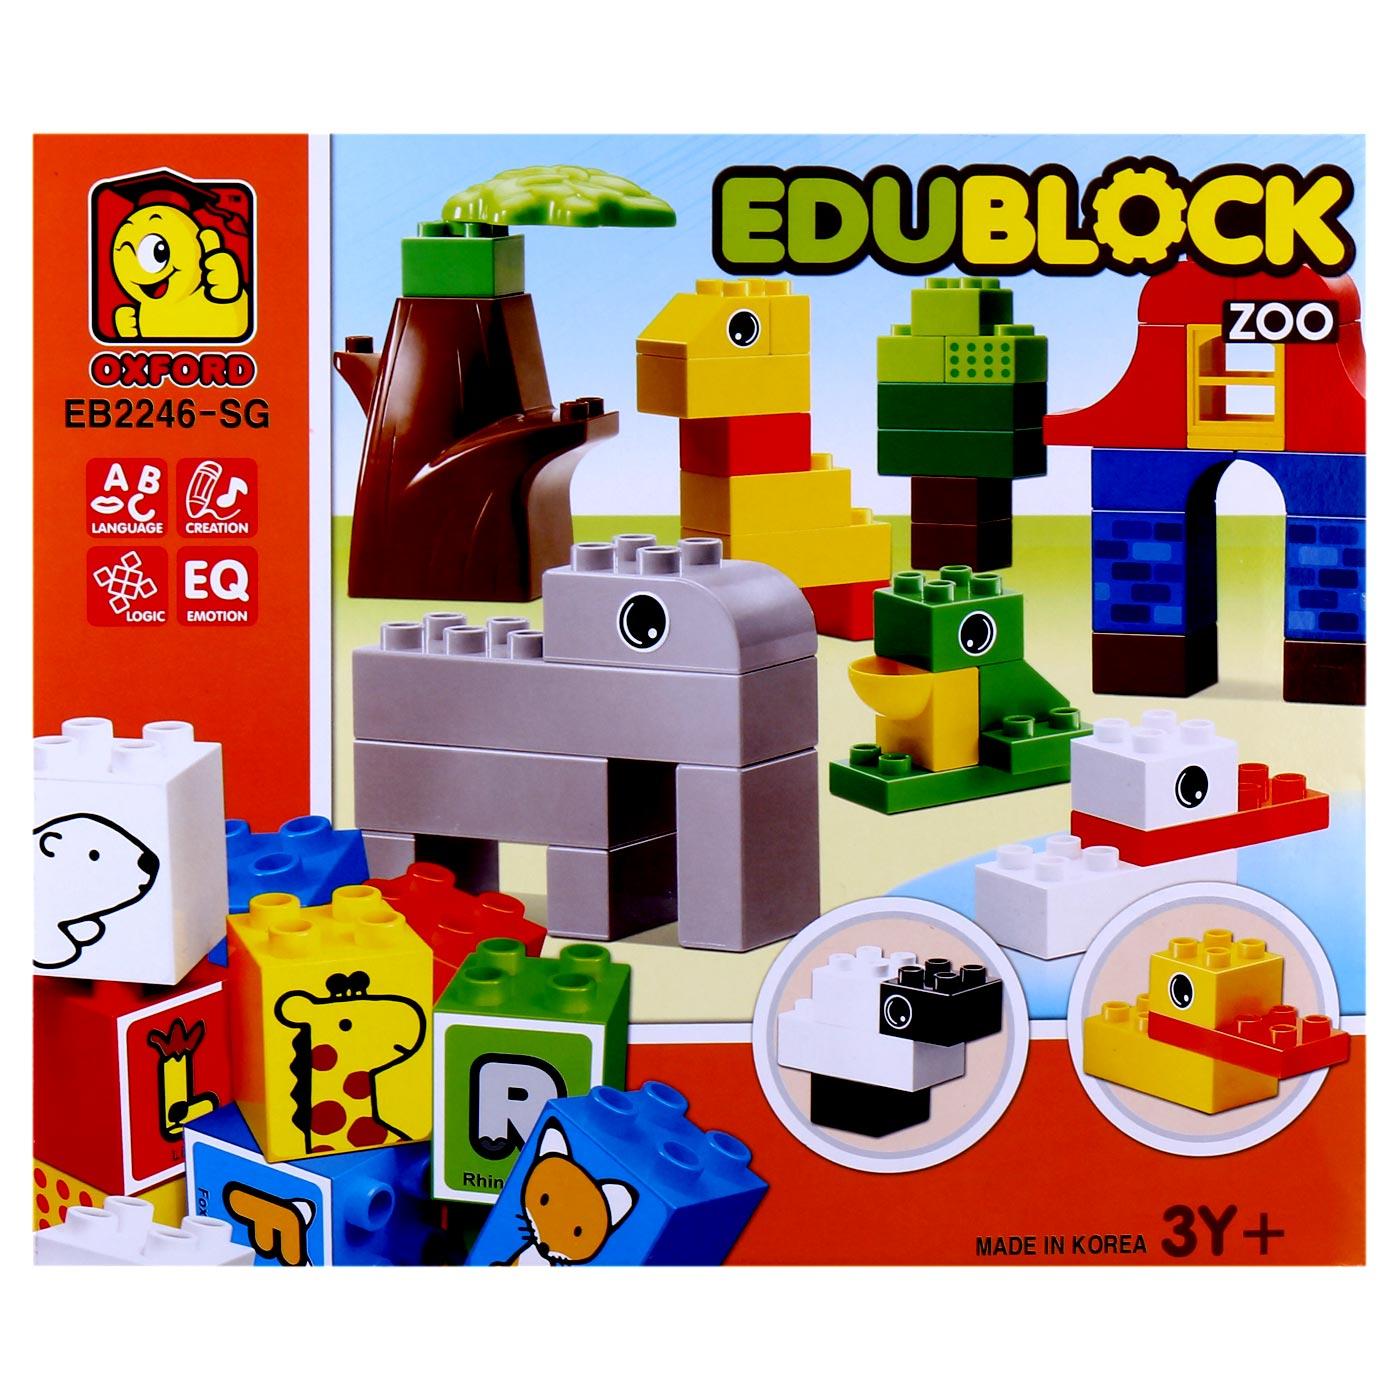 Oxford Edu Block Zoo